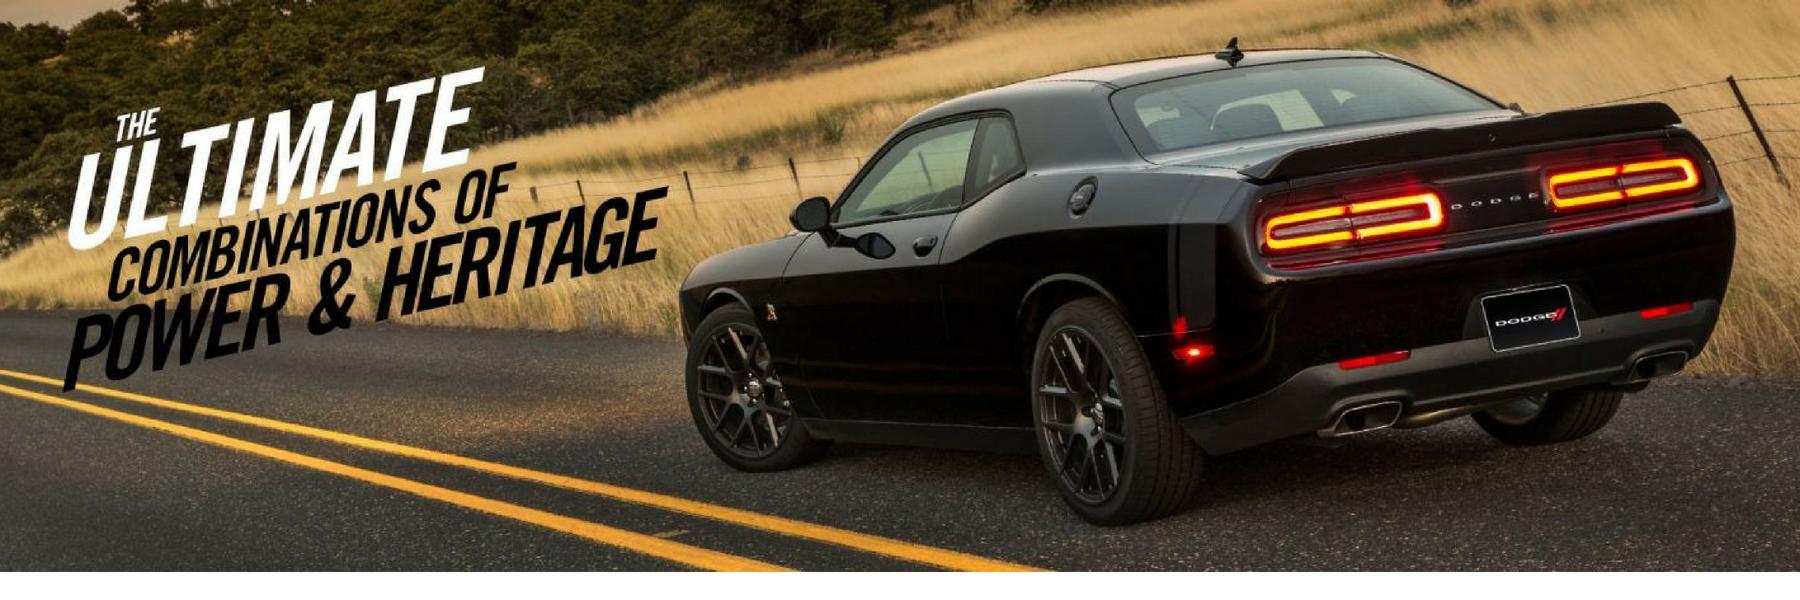 New 2018 Dodge Challenger Carmel IN